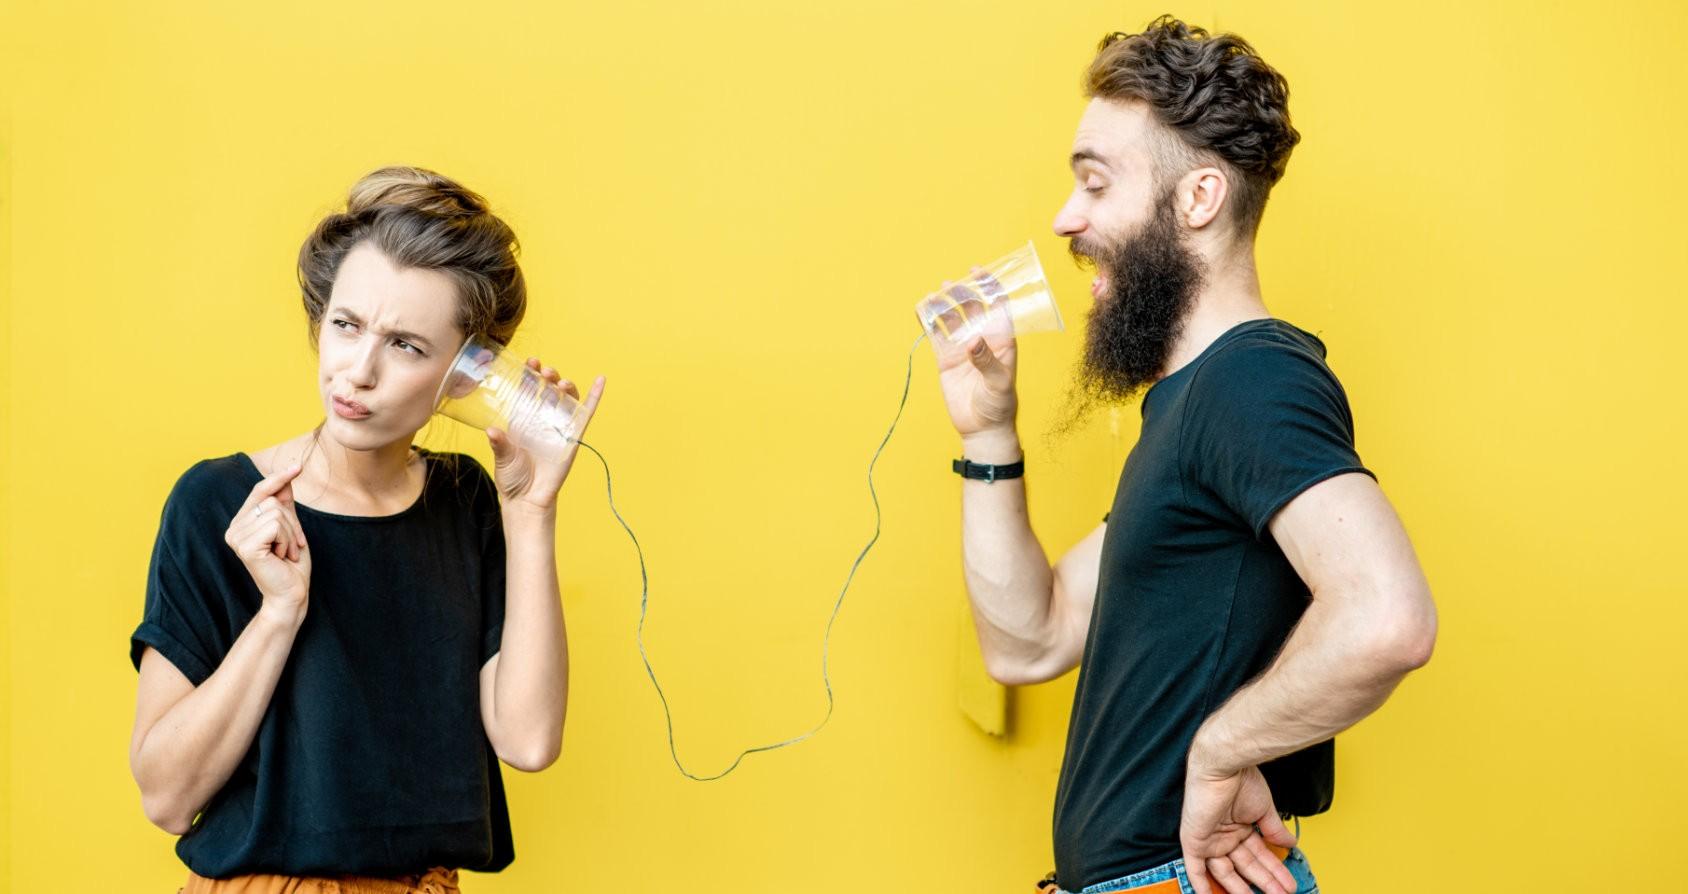 Hilfe beim schreiben eines online-dating-profils